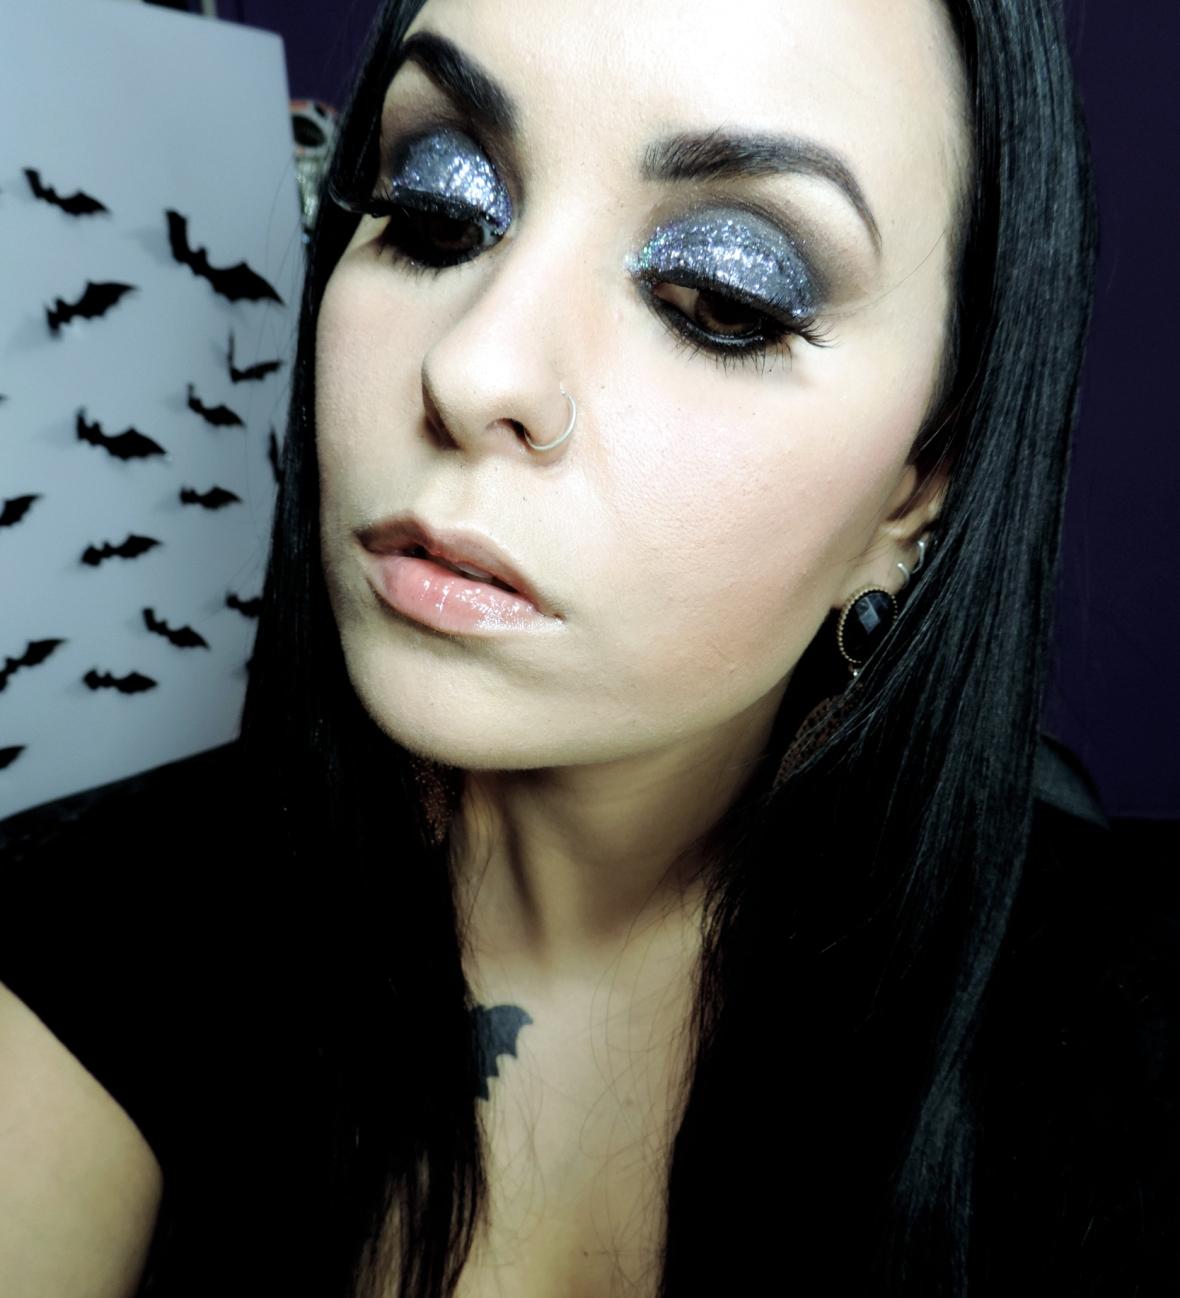 maquiagem vibrante, maquiagem de balada, maquiagem com glitter, olho esfumado, maquiagem de balada com glitter2